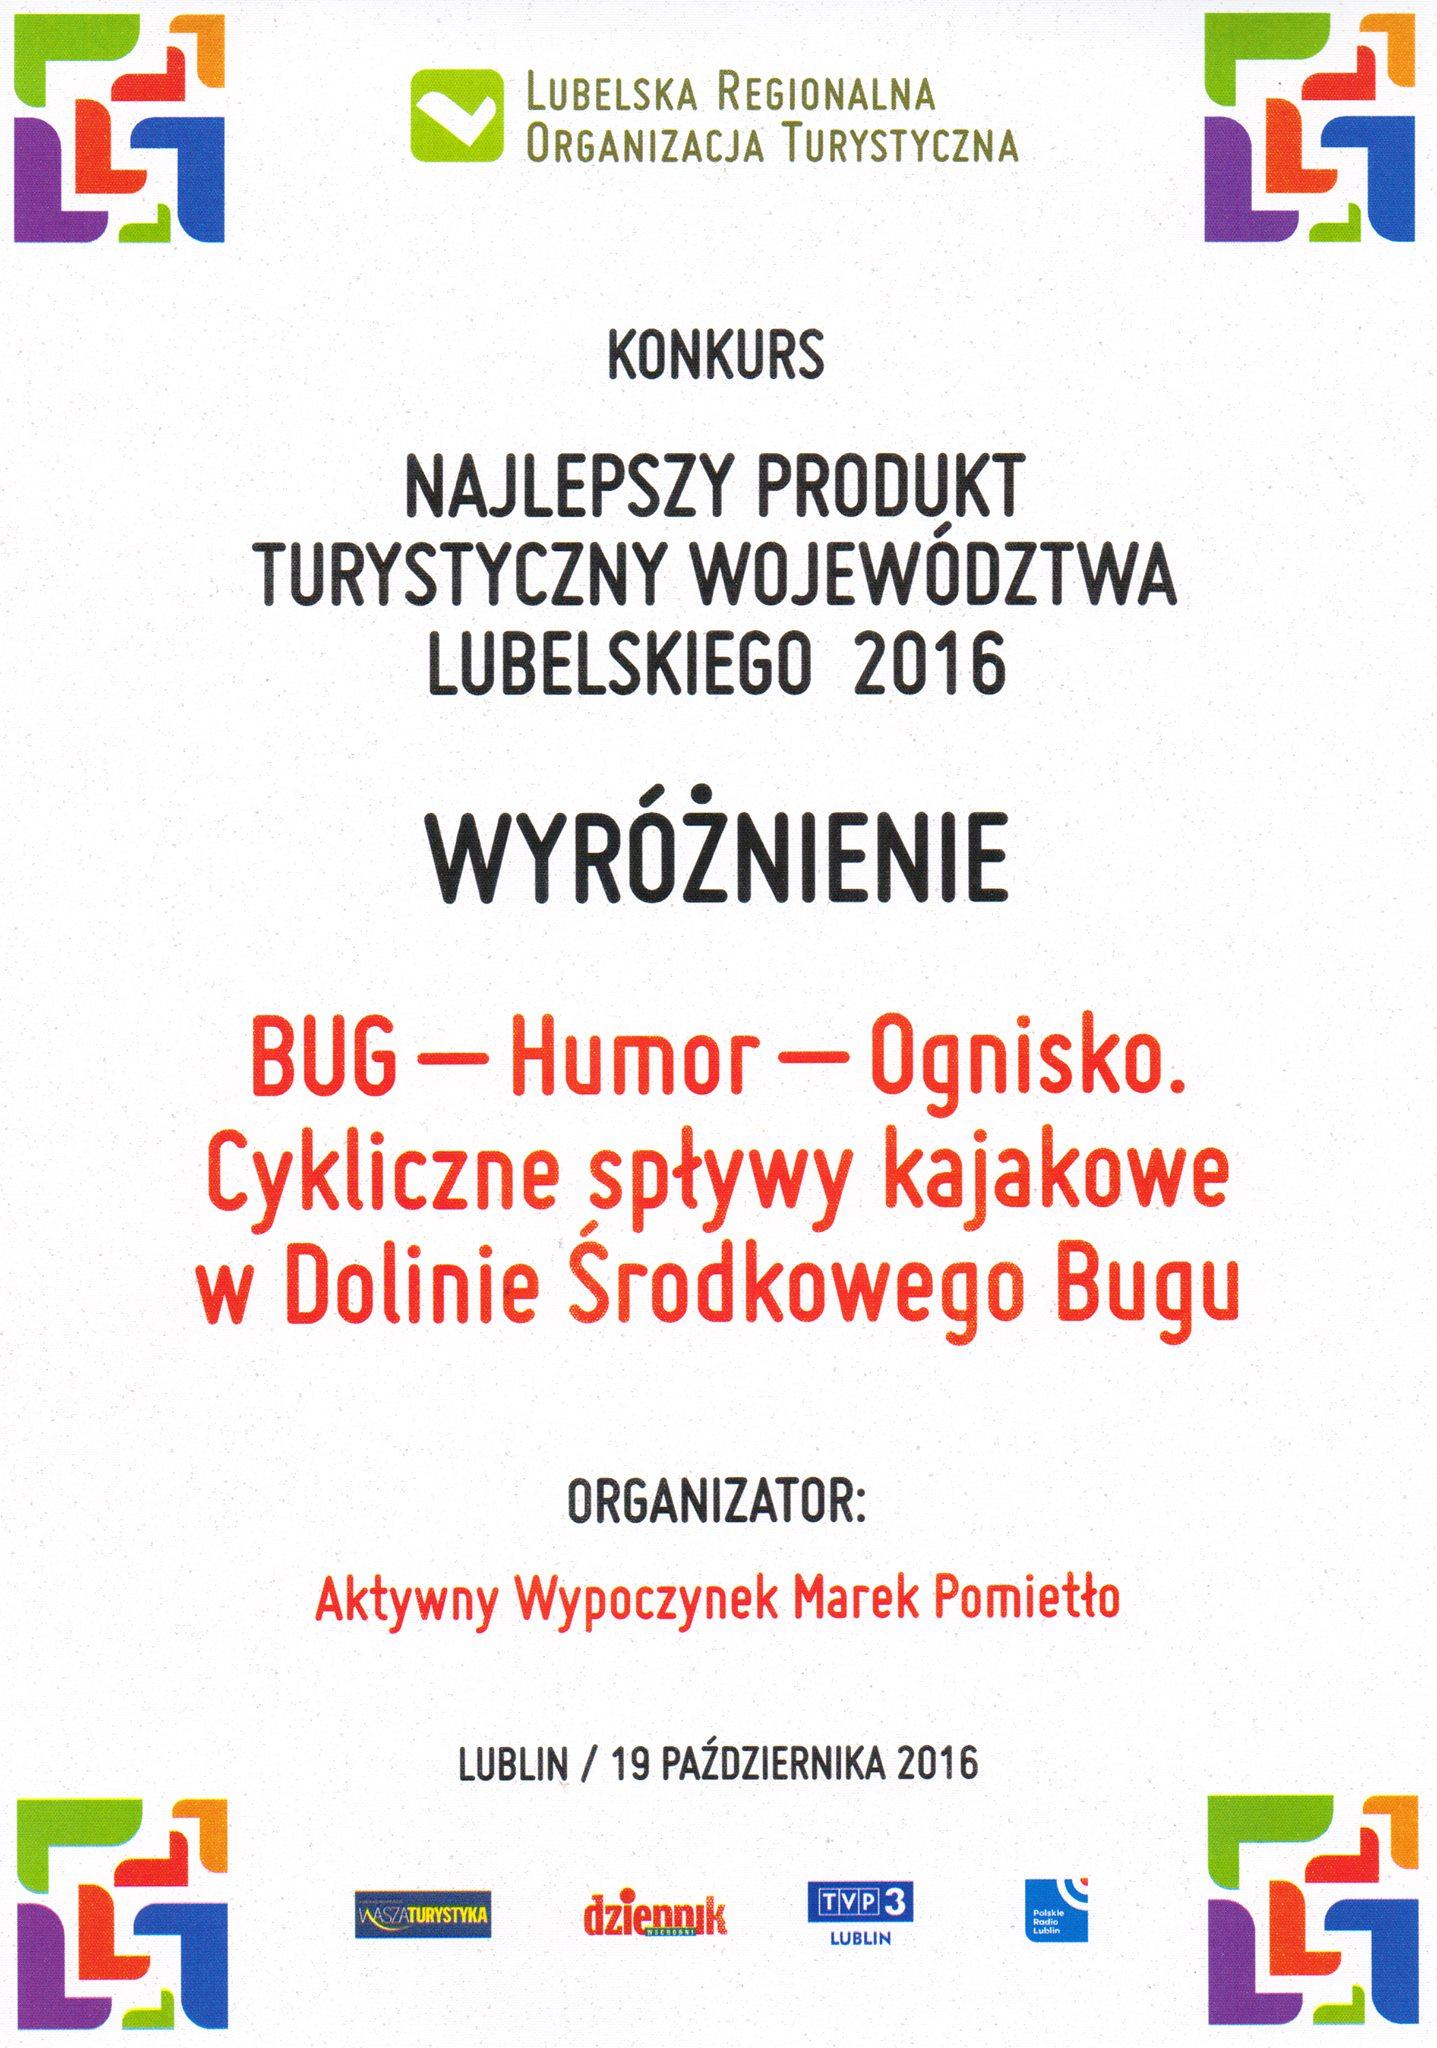 Konkurs na Najlepszy Produkt Województwa Lubelskiego - Cykliczne spływy kajakowe w Dolinie Bugu.